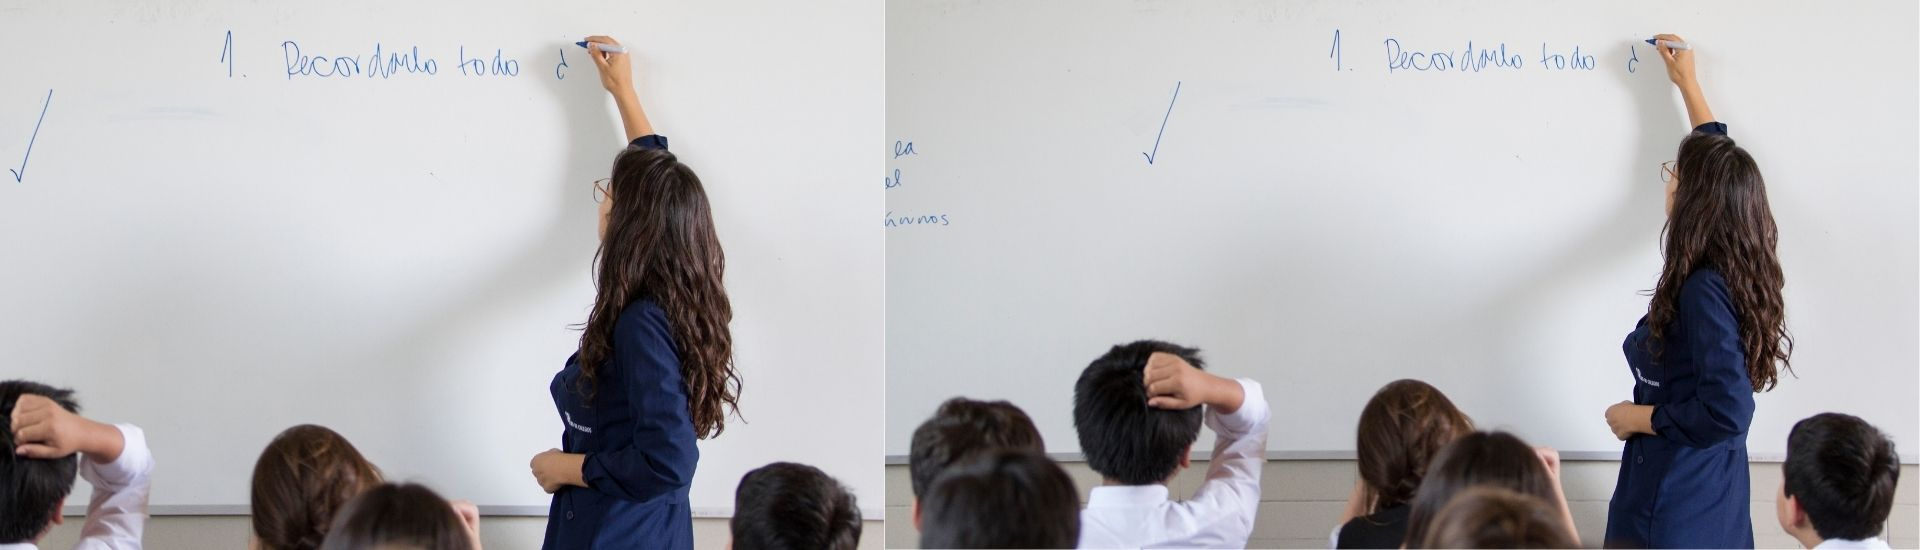 Imagen de una profesora de espalda, escribiendo en la pizarrra. En primer plano se ven la cabezas de varios niños, atentos a lo que escribe la docente.